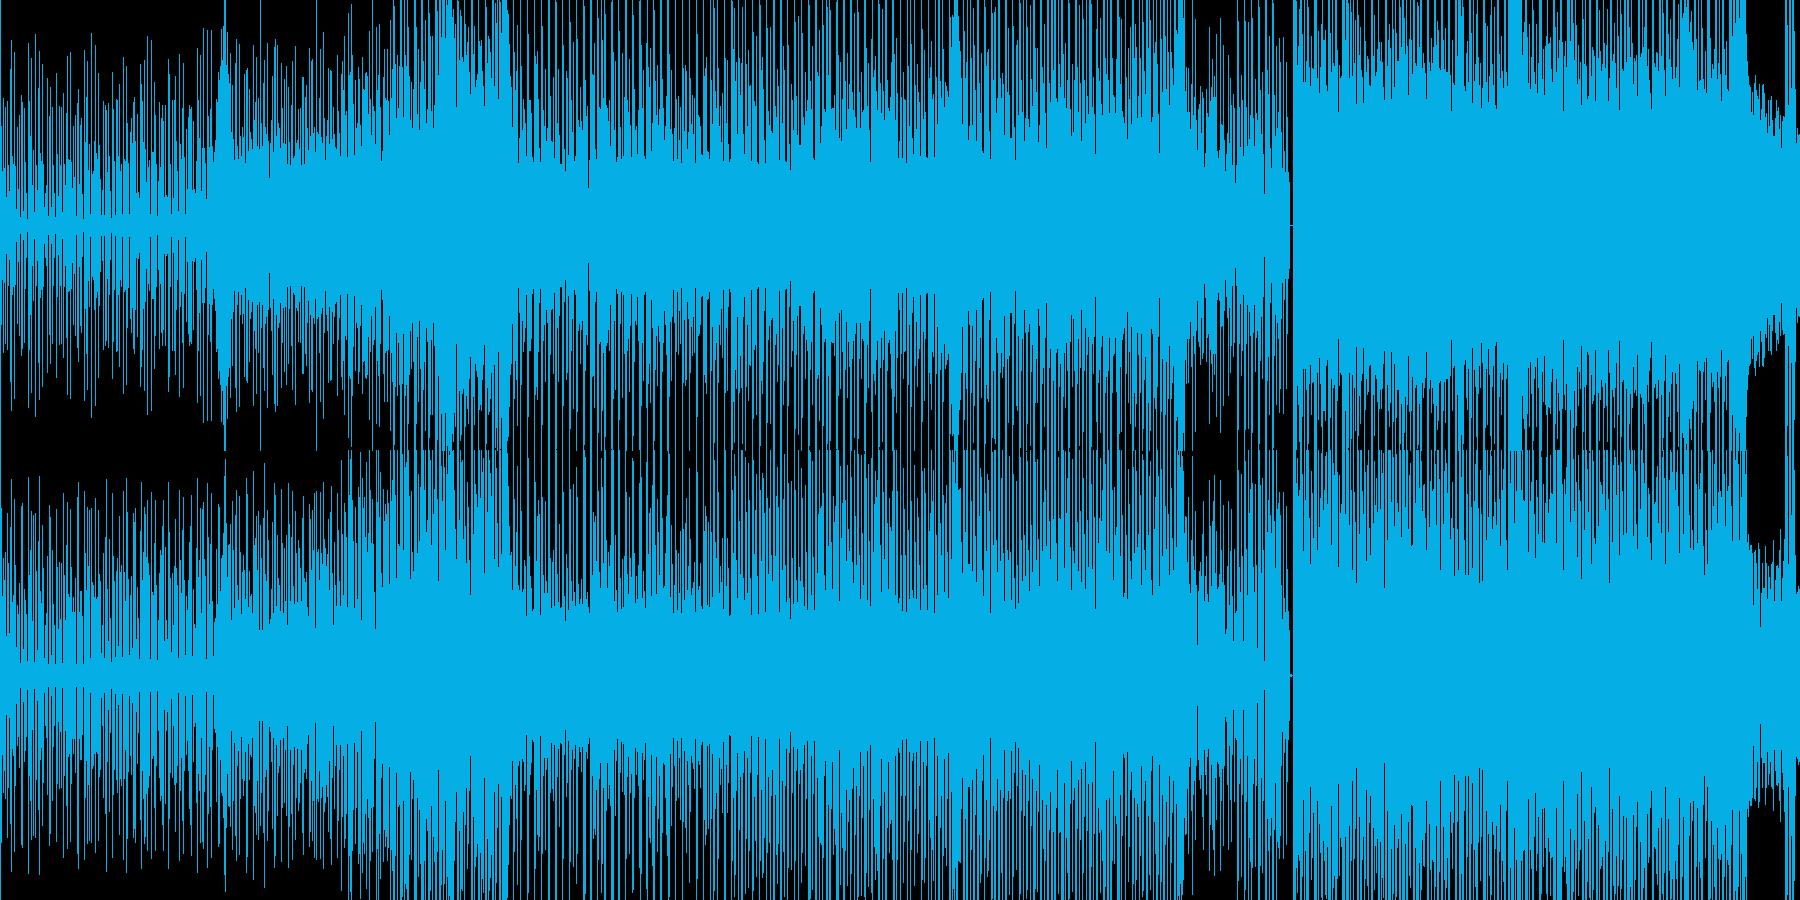 ピコピコに笛が絡むテクノポップ■ループ可の再生済みの波形